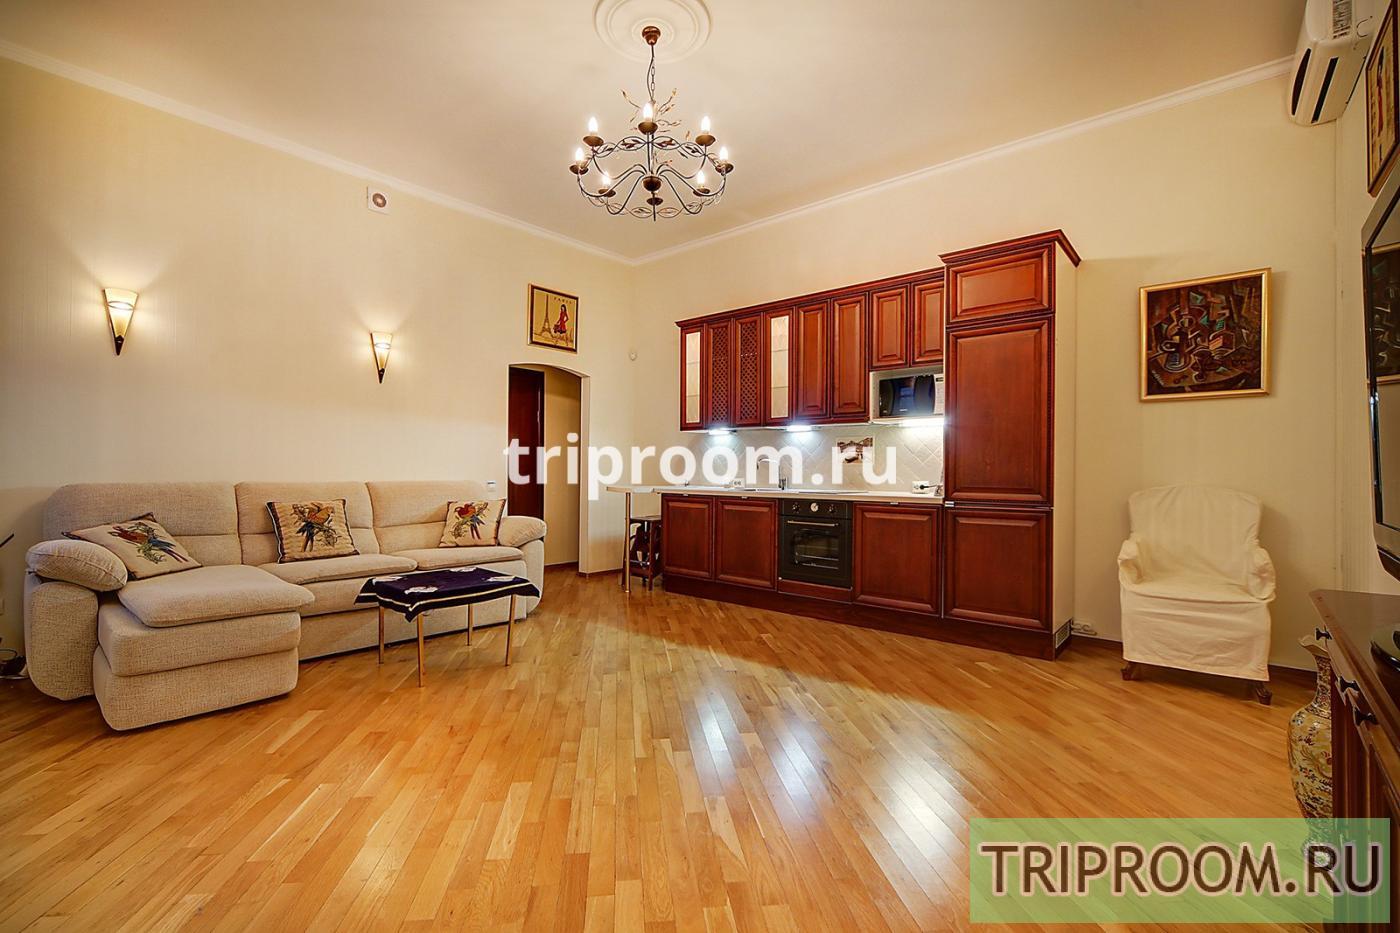 2-комнатная квартира посуточно (вариант № 15116), ул. Большая Конюшенная улица, фото № 3